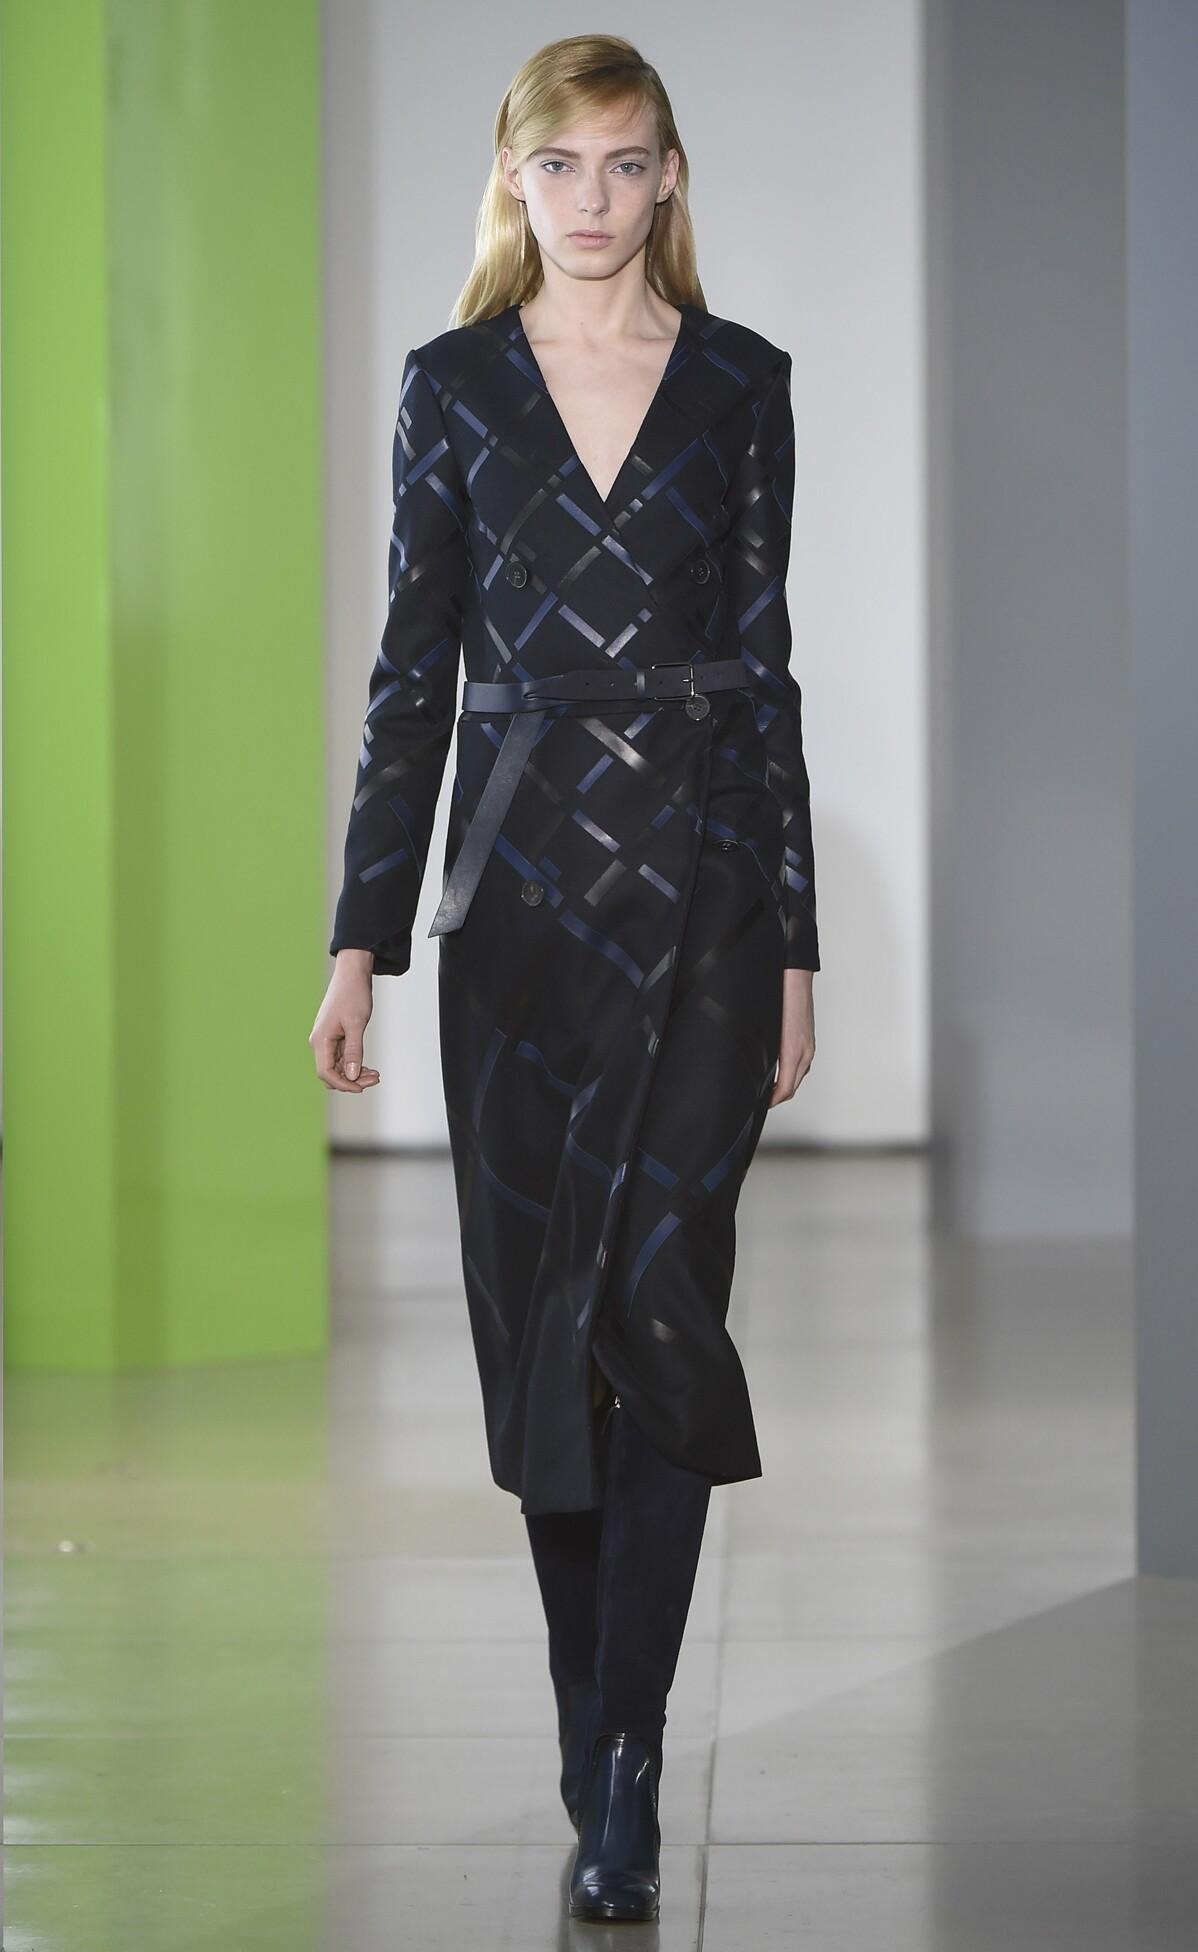 Fall Jil Sander Collection Fashion Women Model